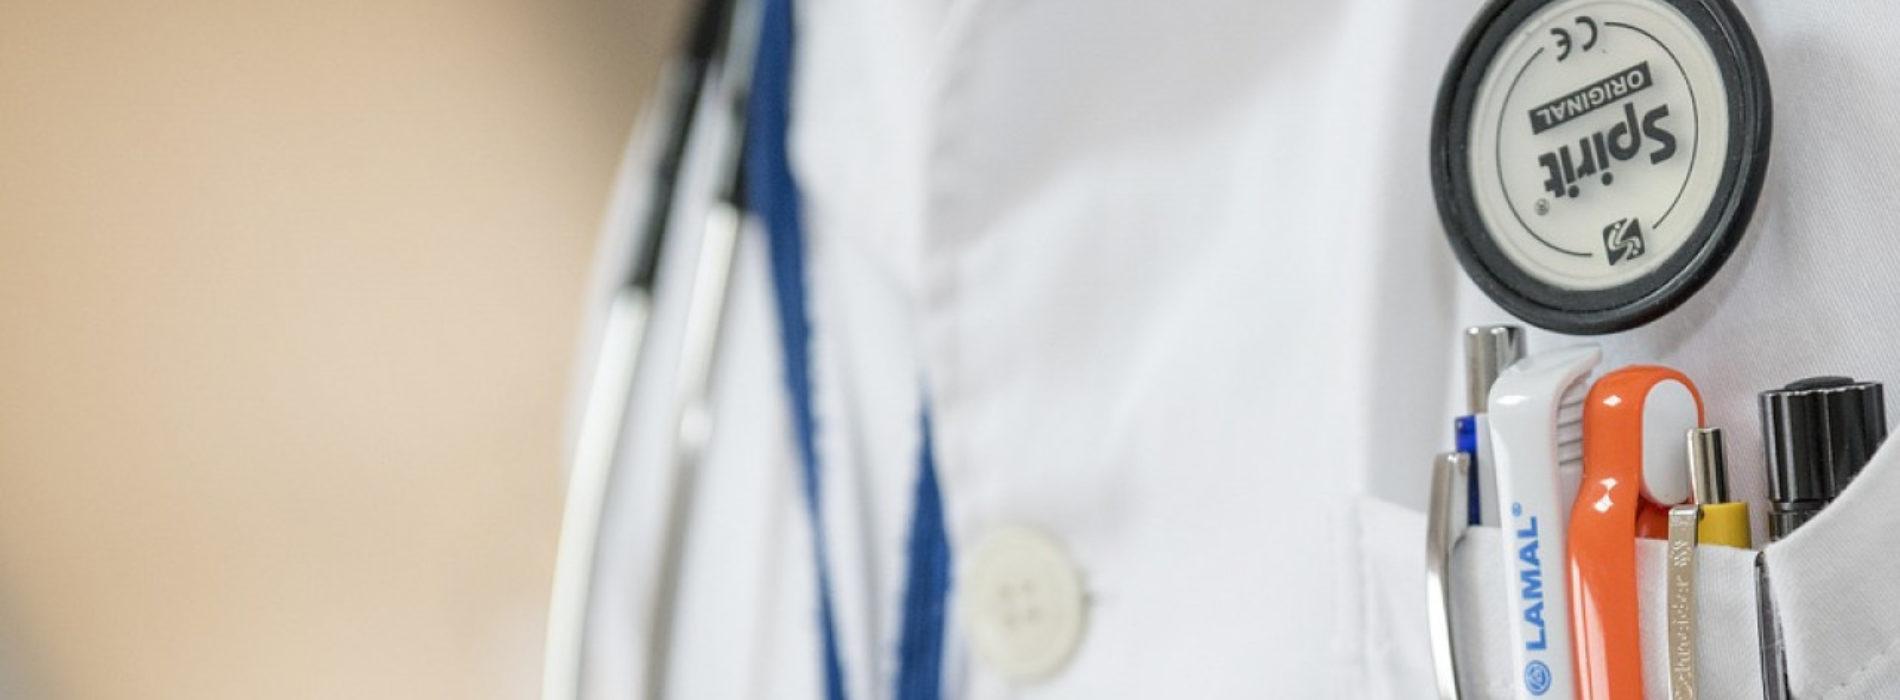 Родственники пациента избили медперсонал ГКБ №7 Алматы